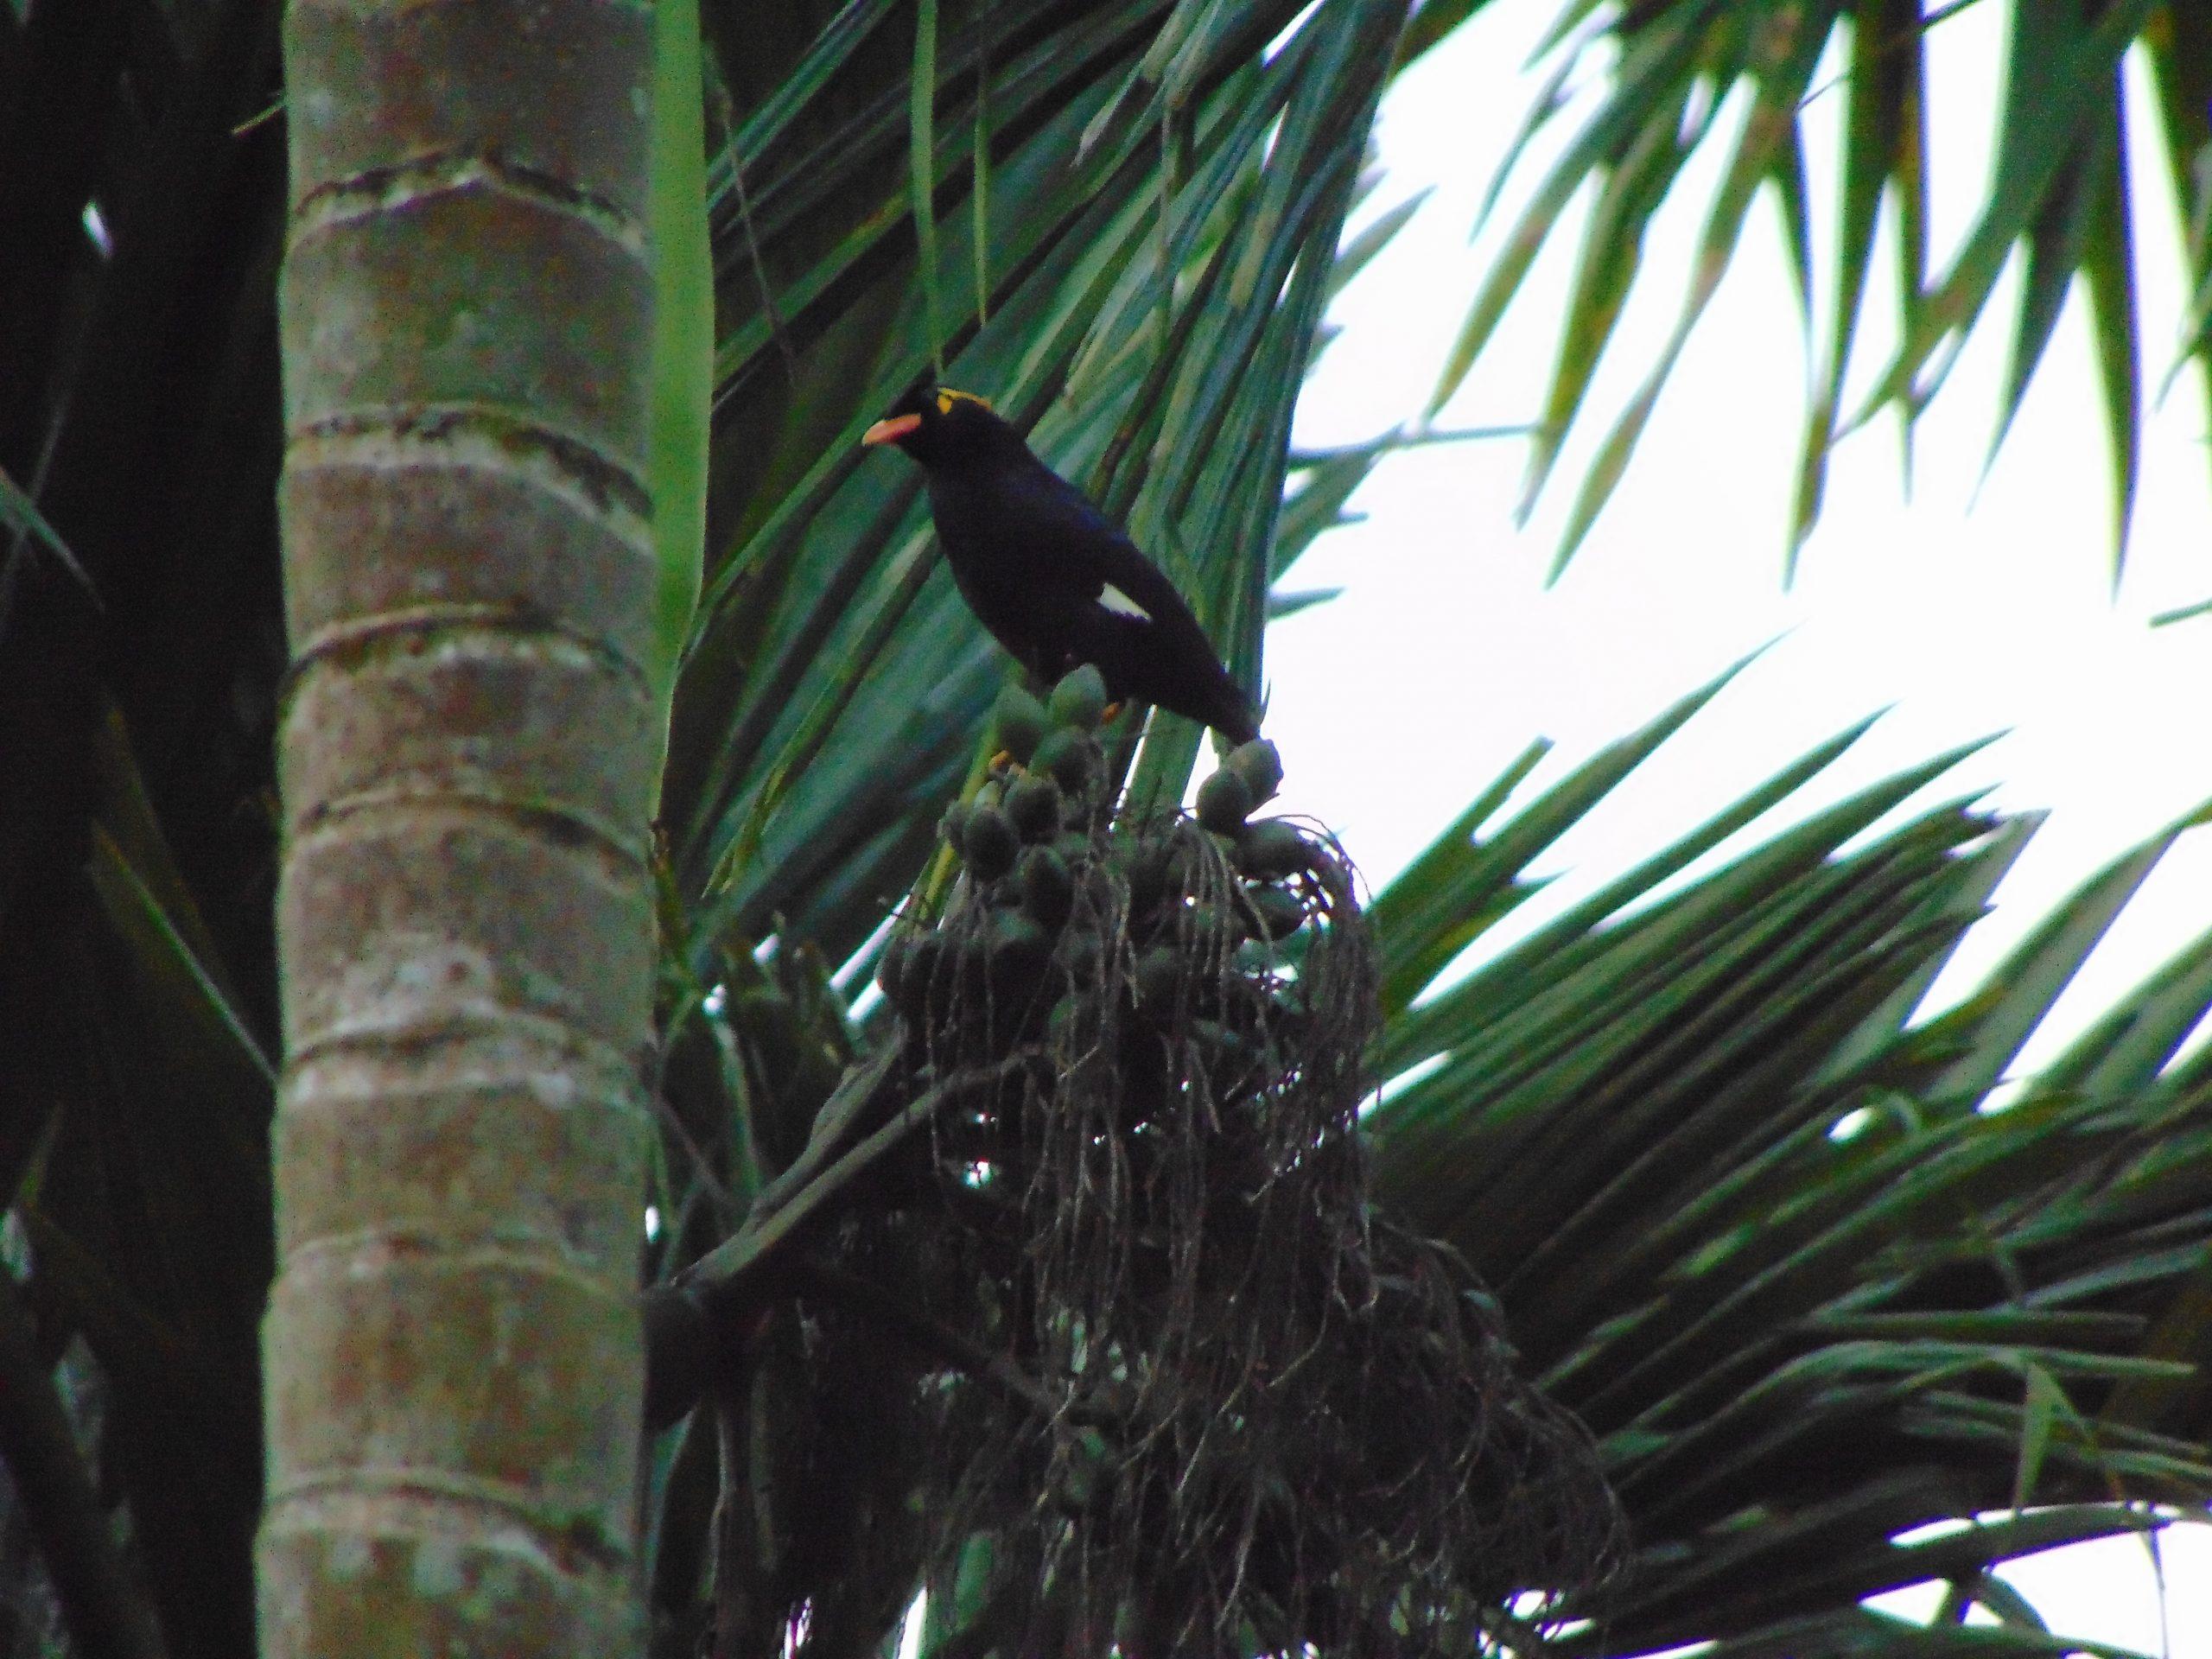 Perching Bird on a Tree